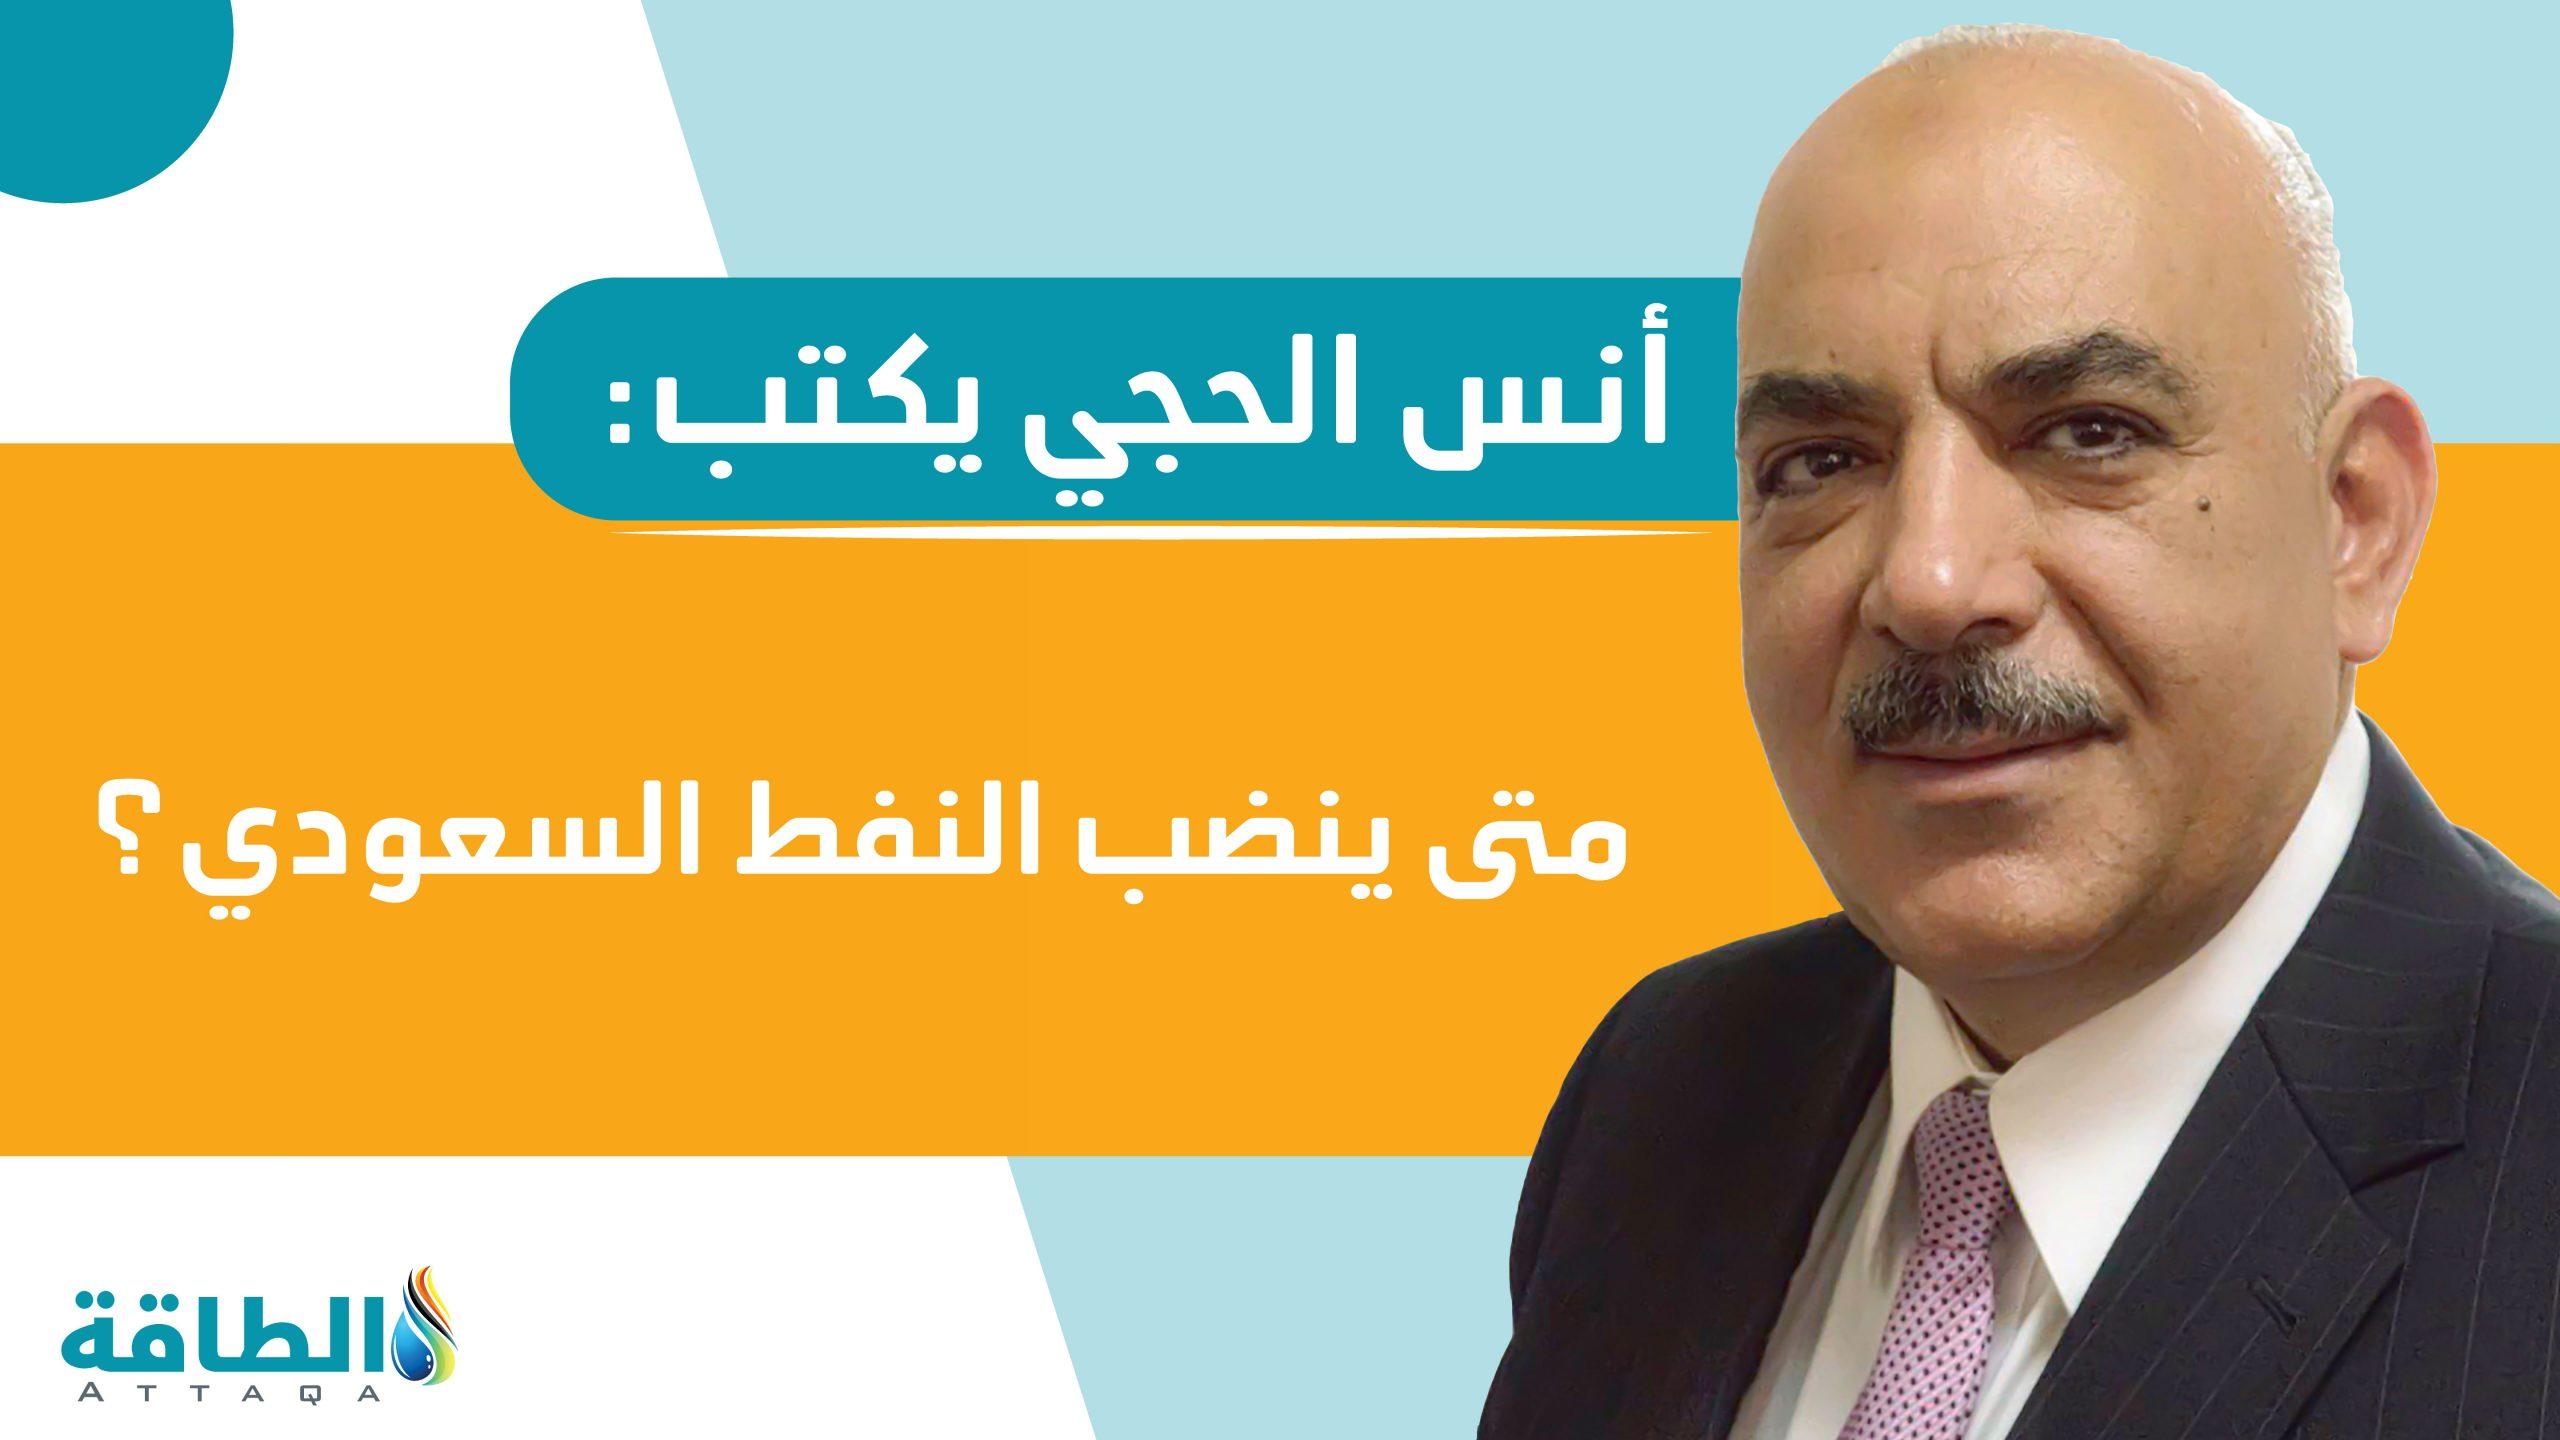 أنس الحجي يكتب متى ينضب النفط السعودي؟